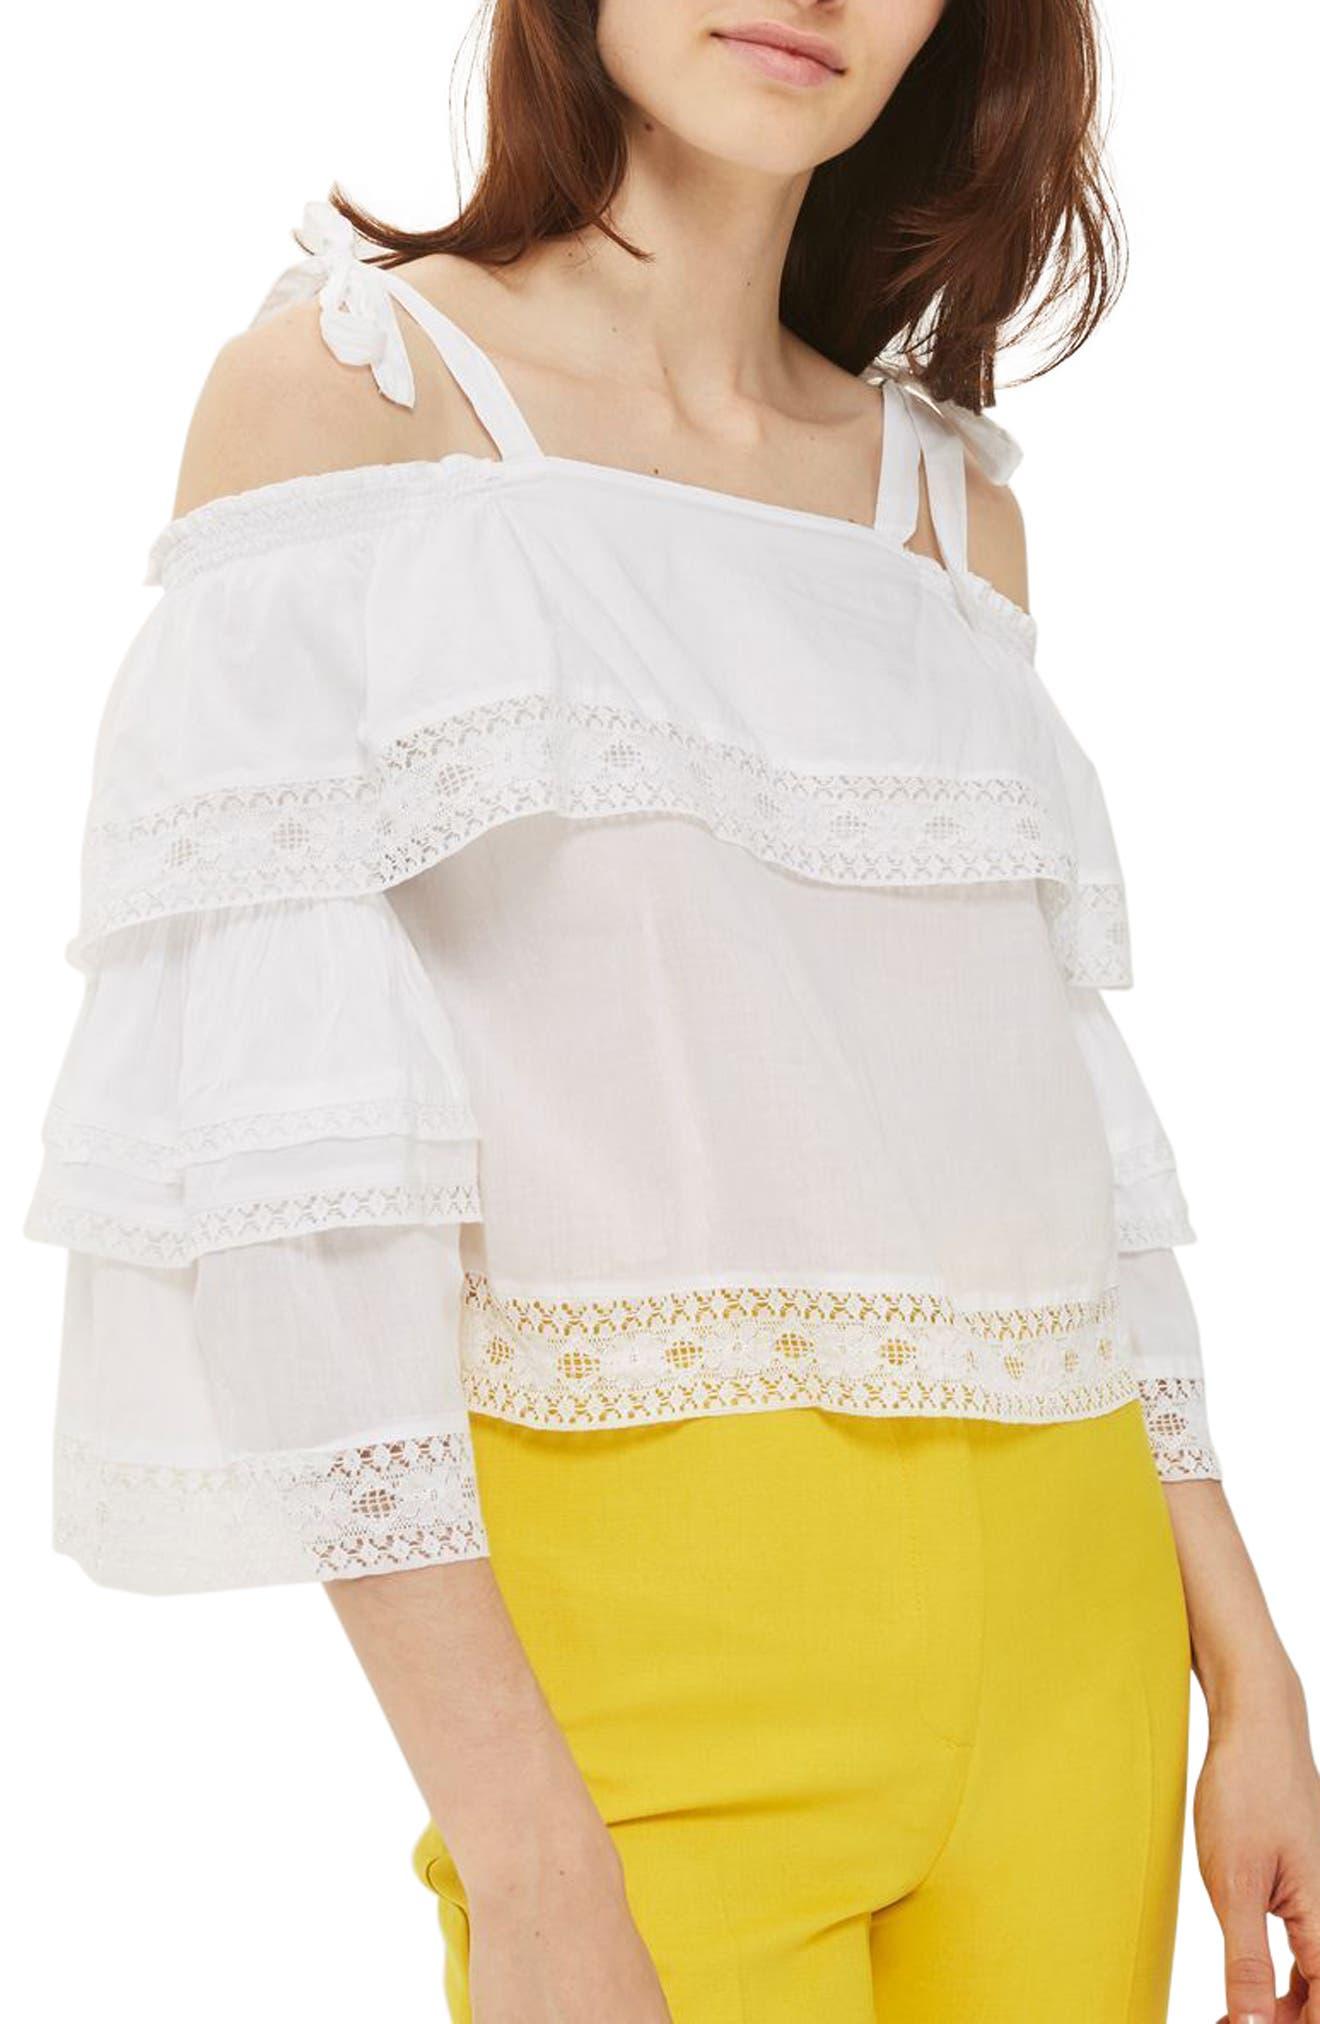 Topshop Lace Trim Off the Shoulder Top